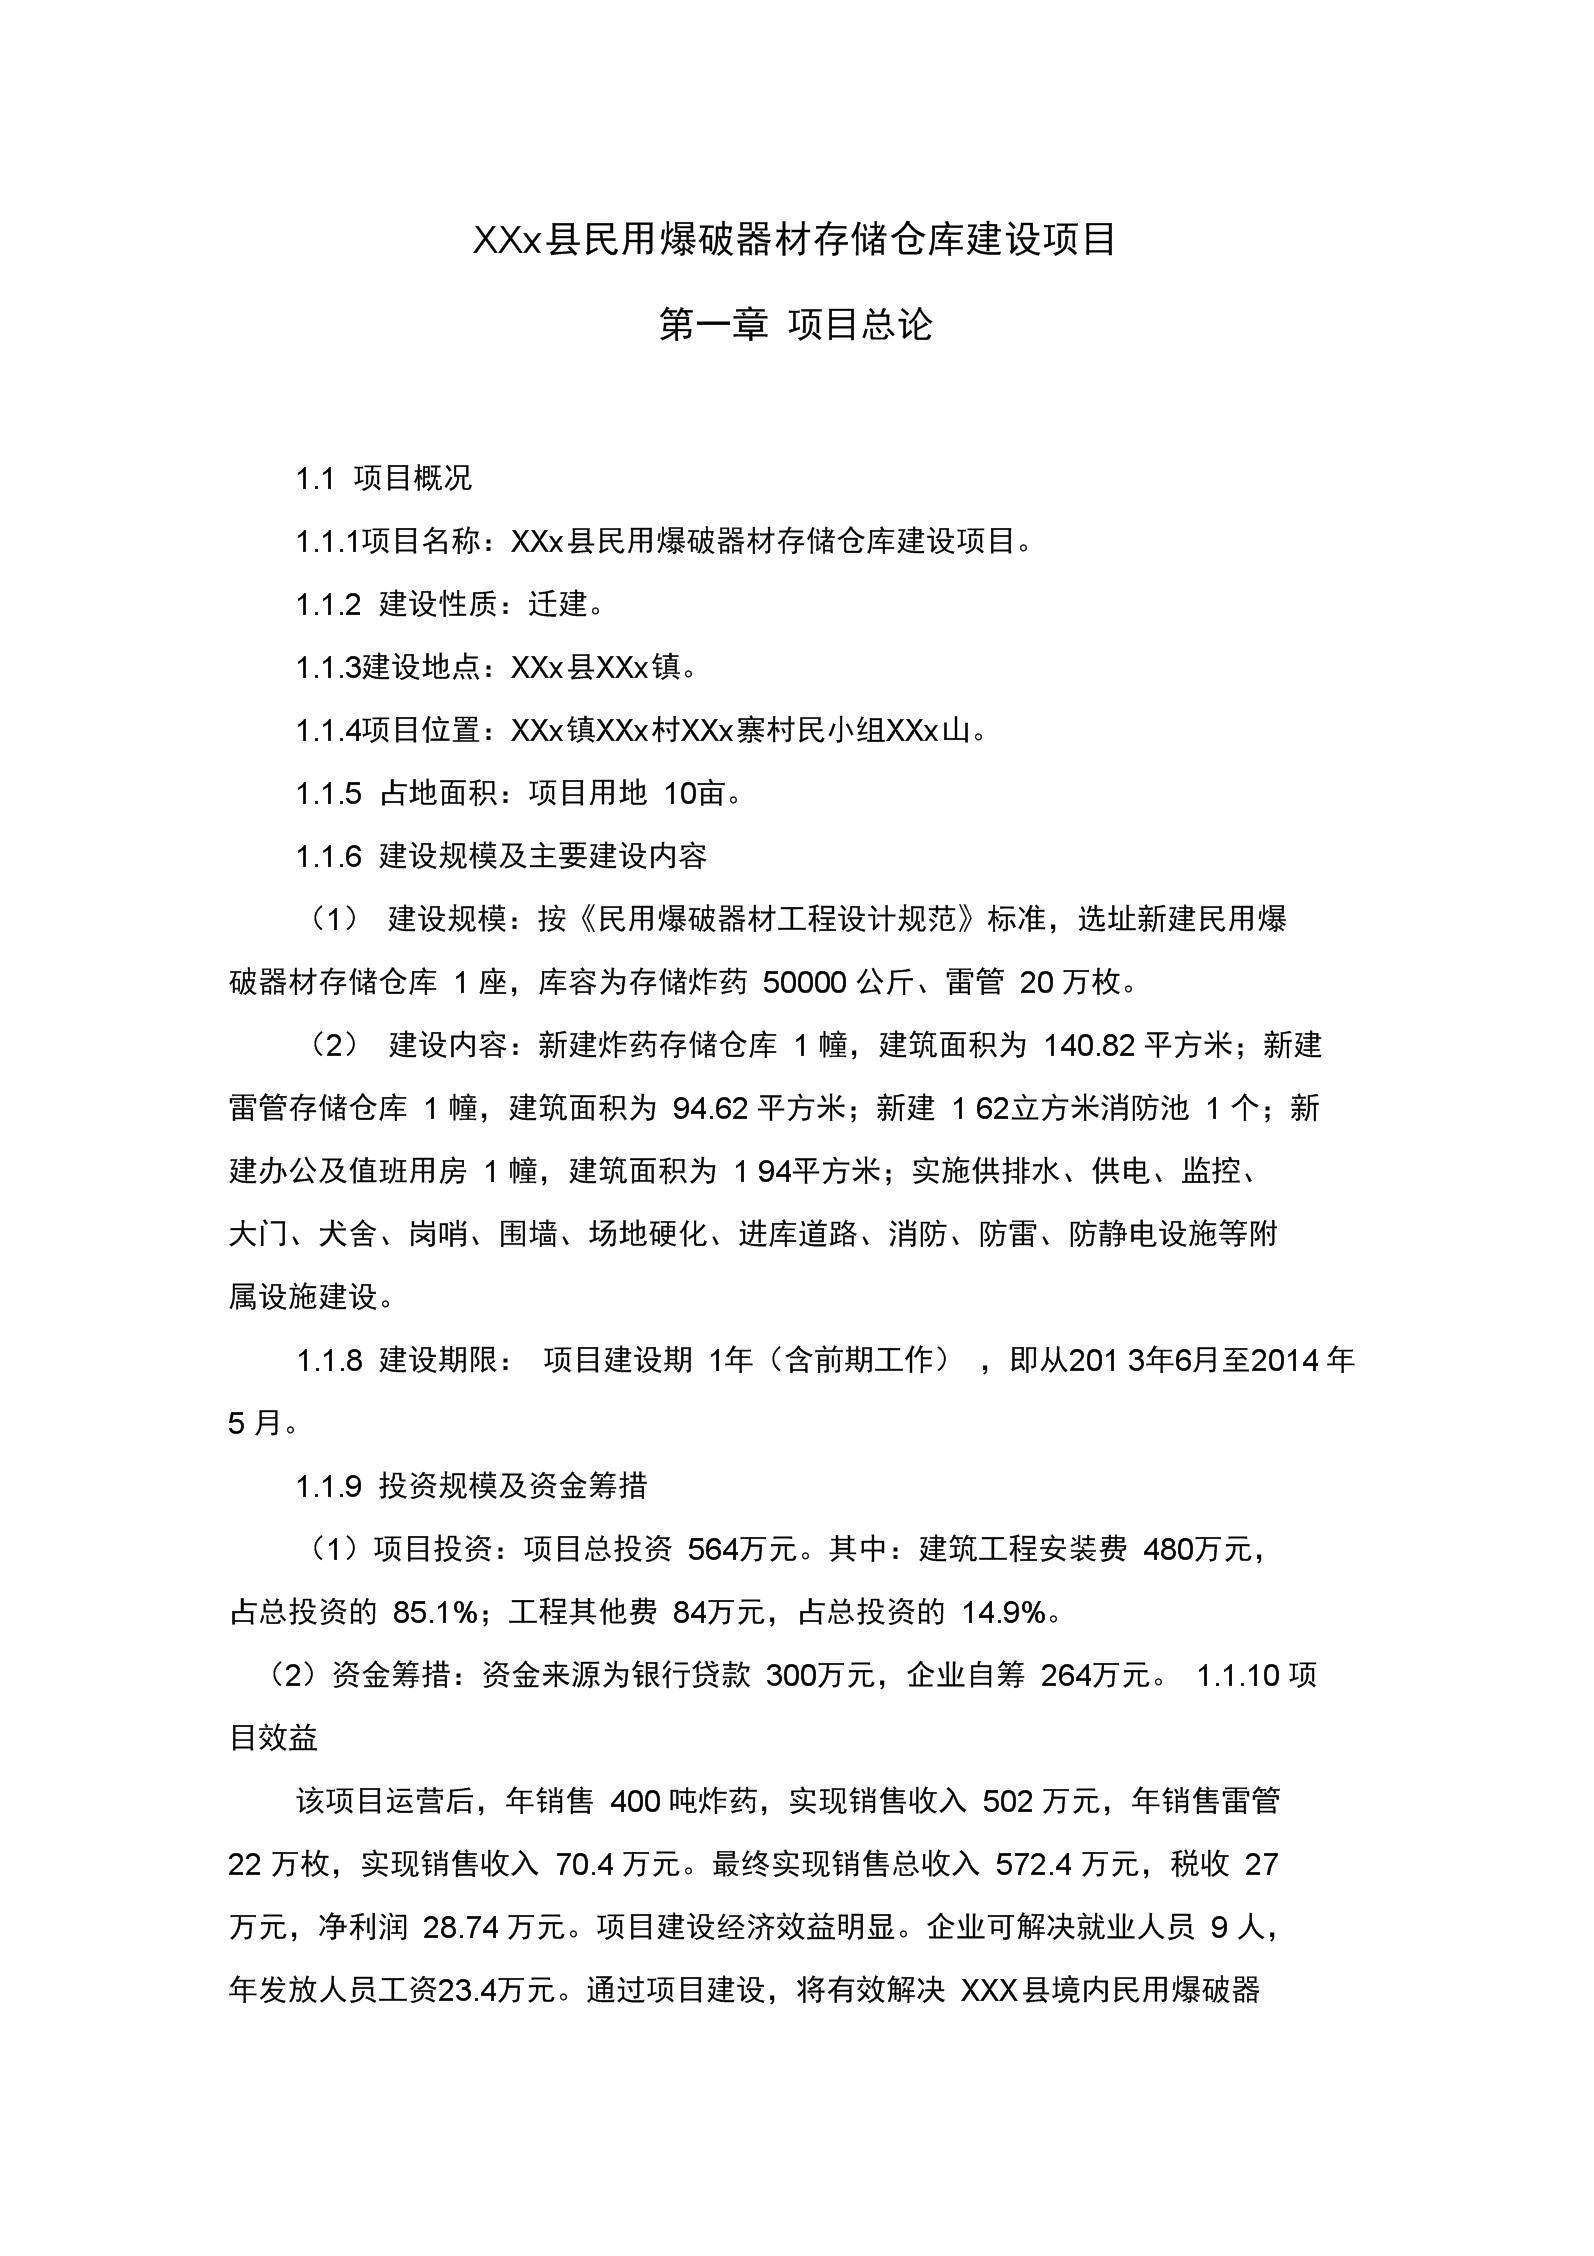 XXx县民用爆破器材存储仓库建设项目可行性研究报告.docx